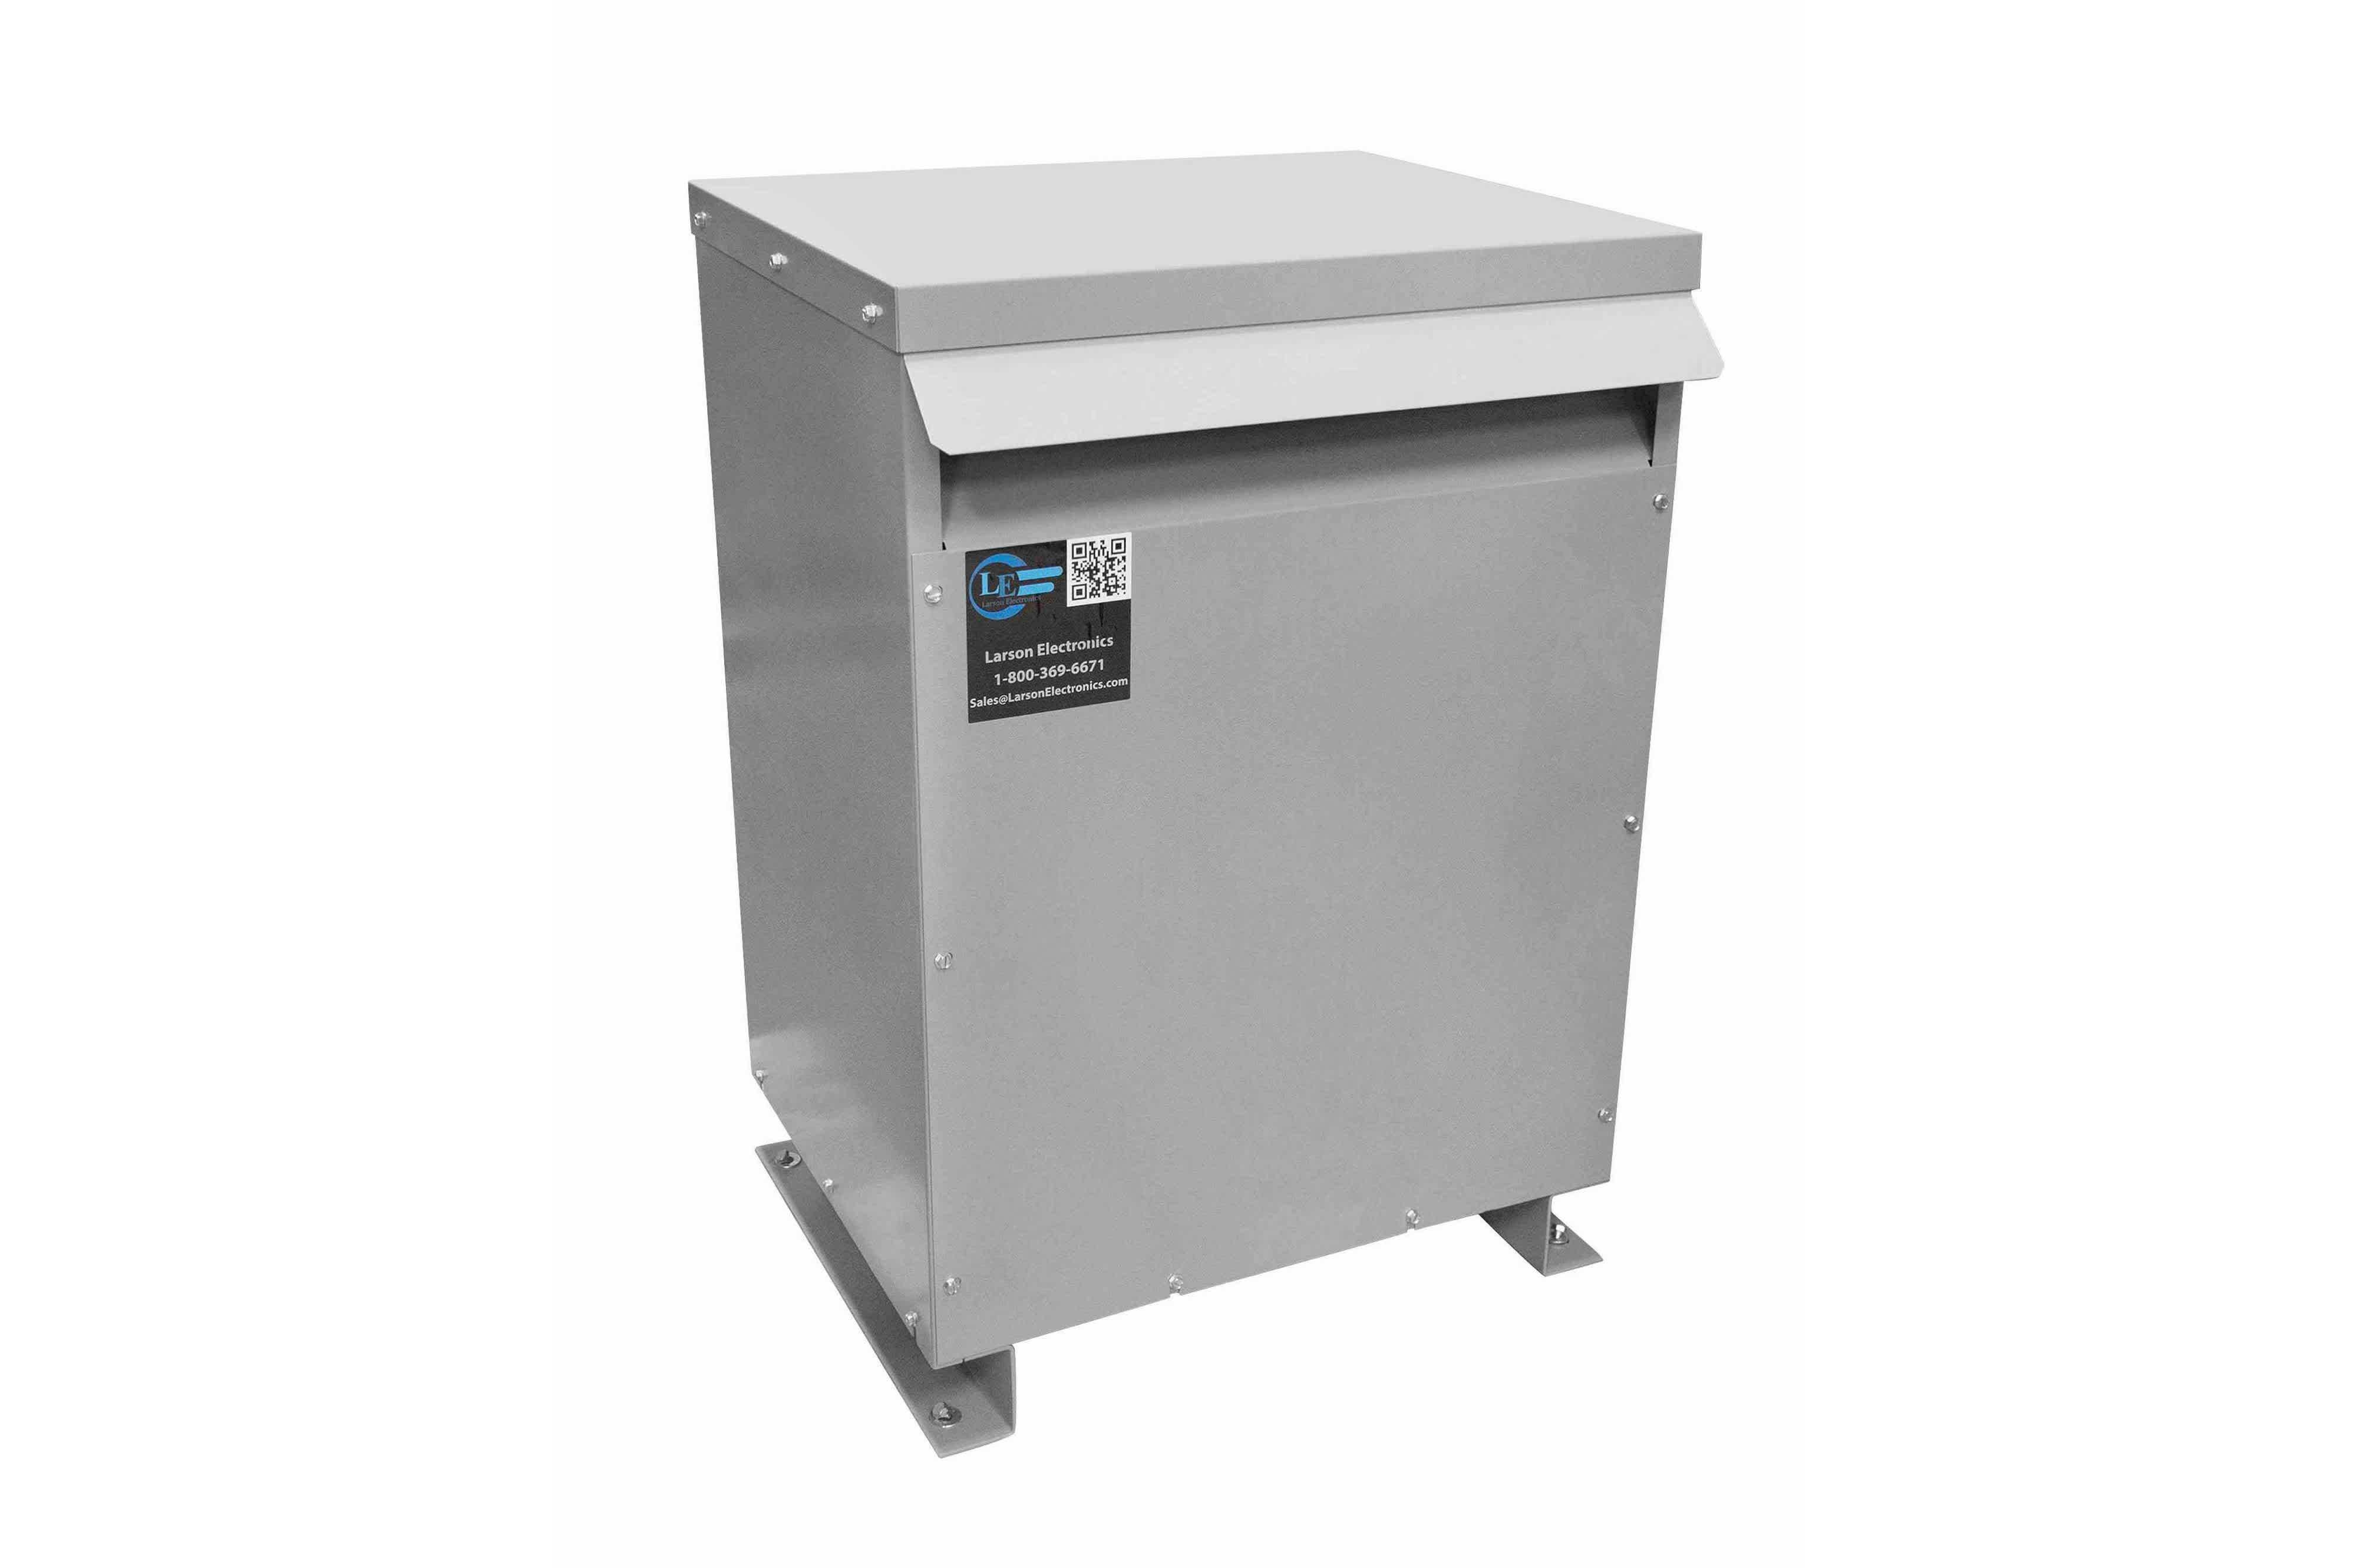 26 kVA 3PH Isolation Transformer, 460V Delta Primary, 208V Delta Secondary, N3R, Ventilated, 60 Hz